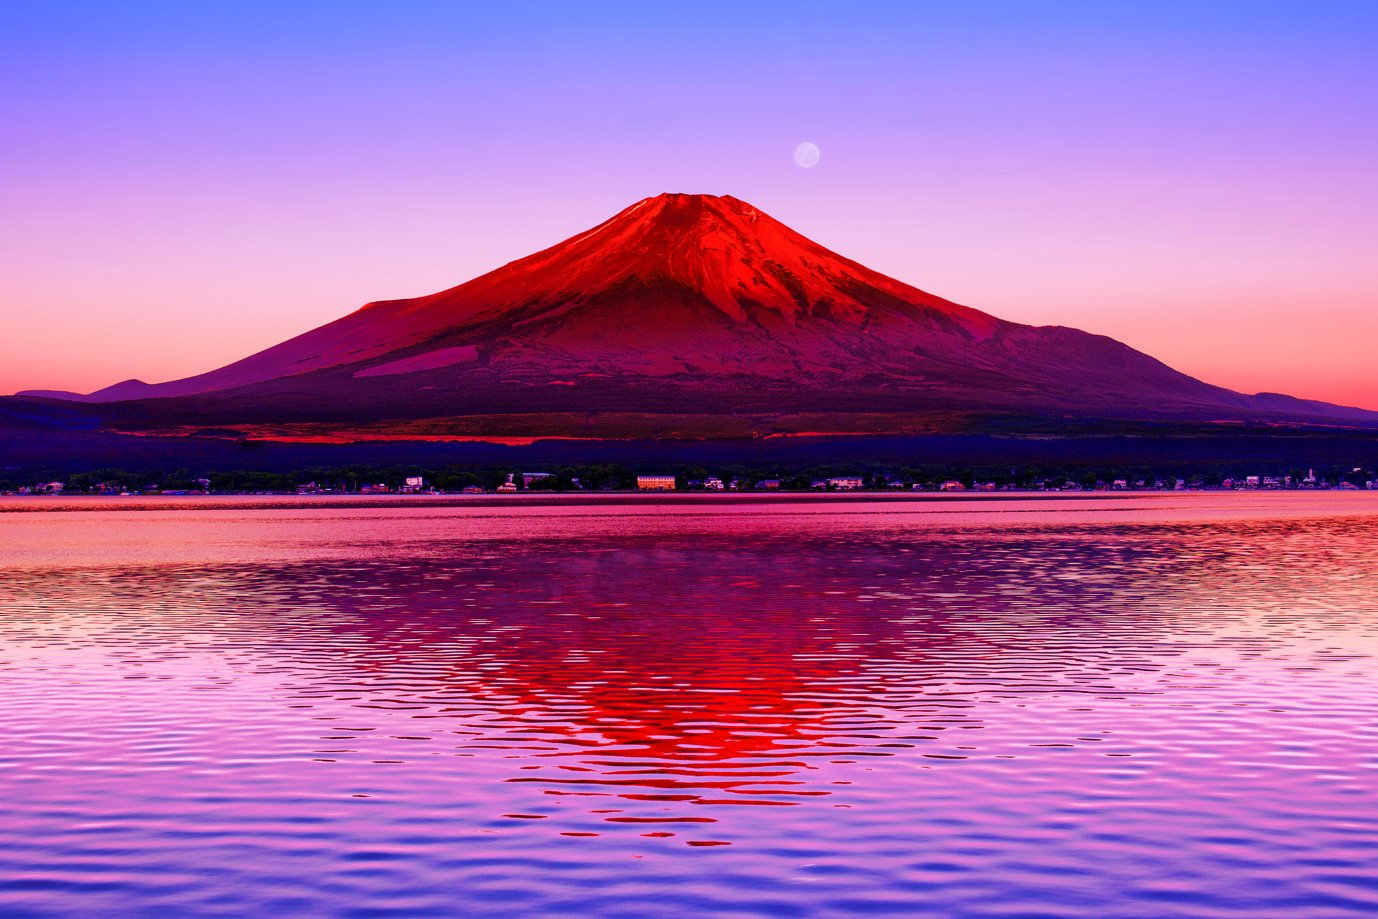 良質  1000ピース B008XPGPDK ジグソーパズル めざせパズルの達人 水面に映る赤富士-山梨(50x75cm) 1000ピース B008XPGPDK, 八郷町:db191392 --- a0267596.xsph.ru